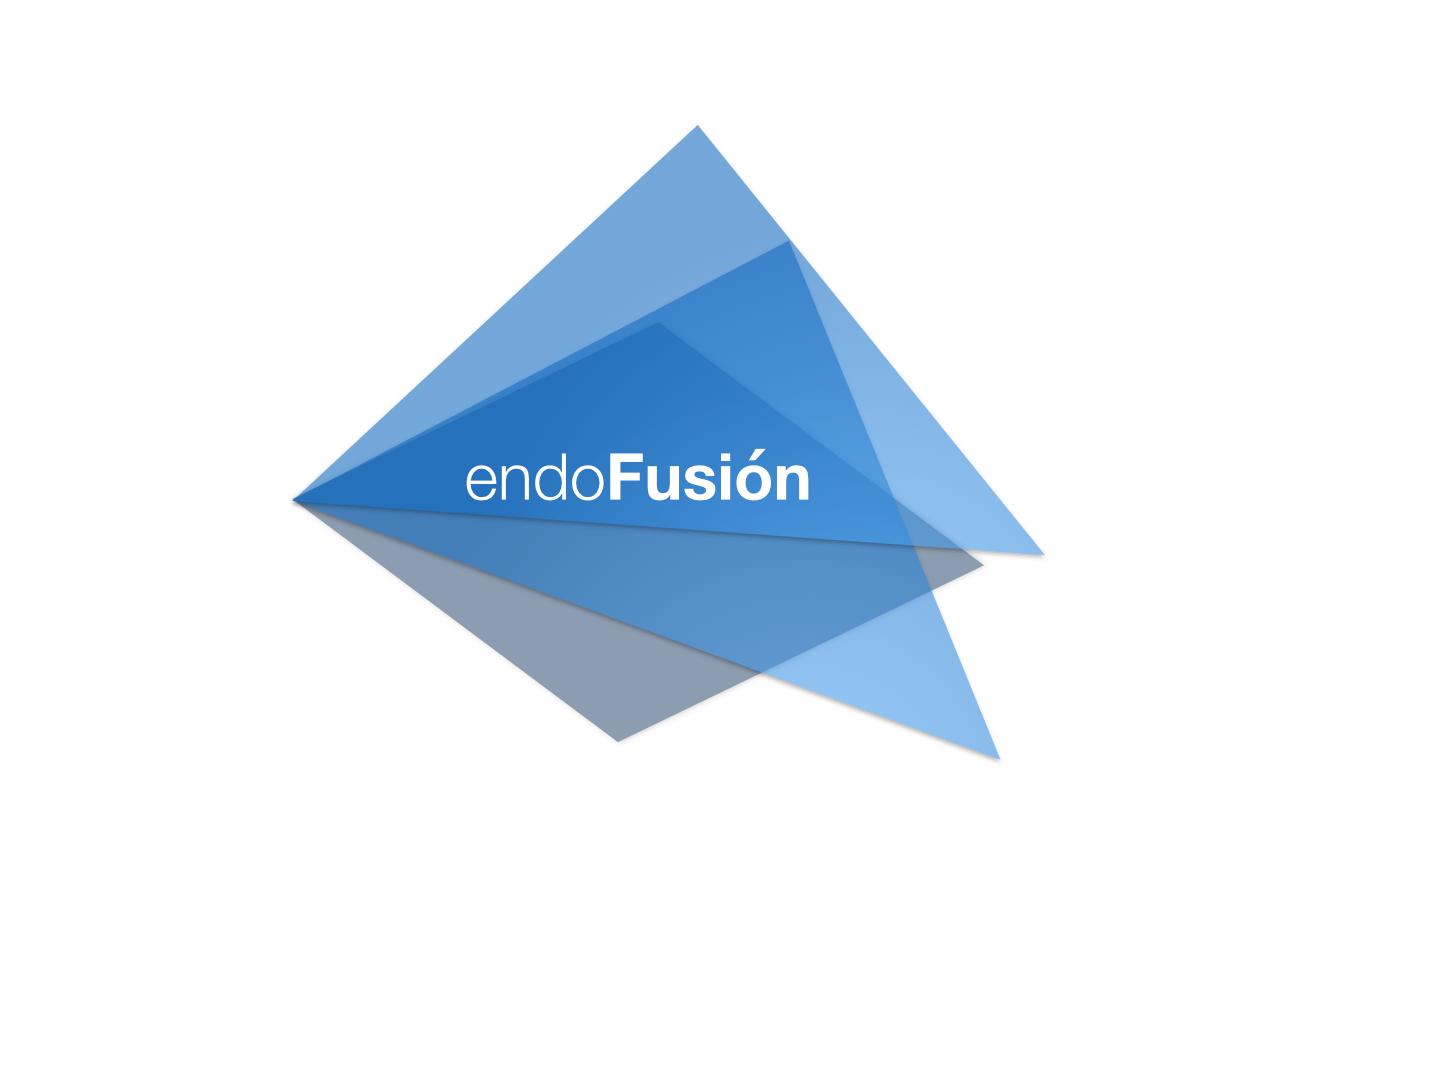 endoFusión